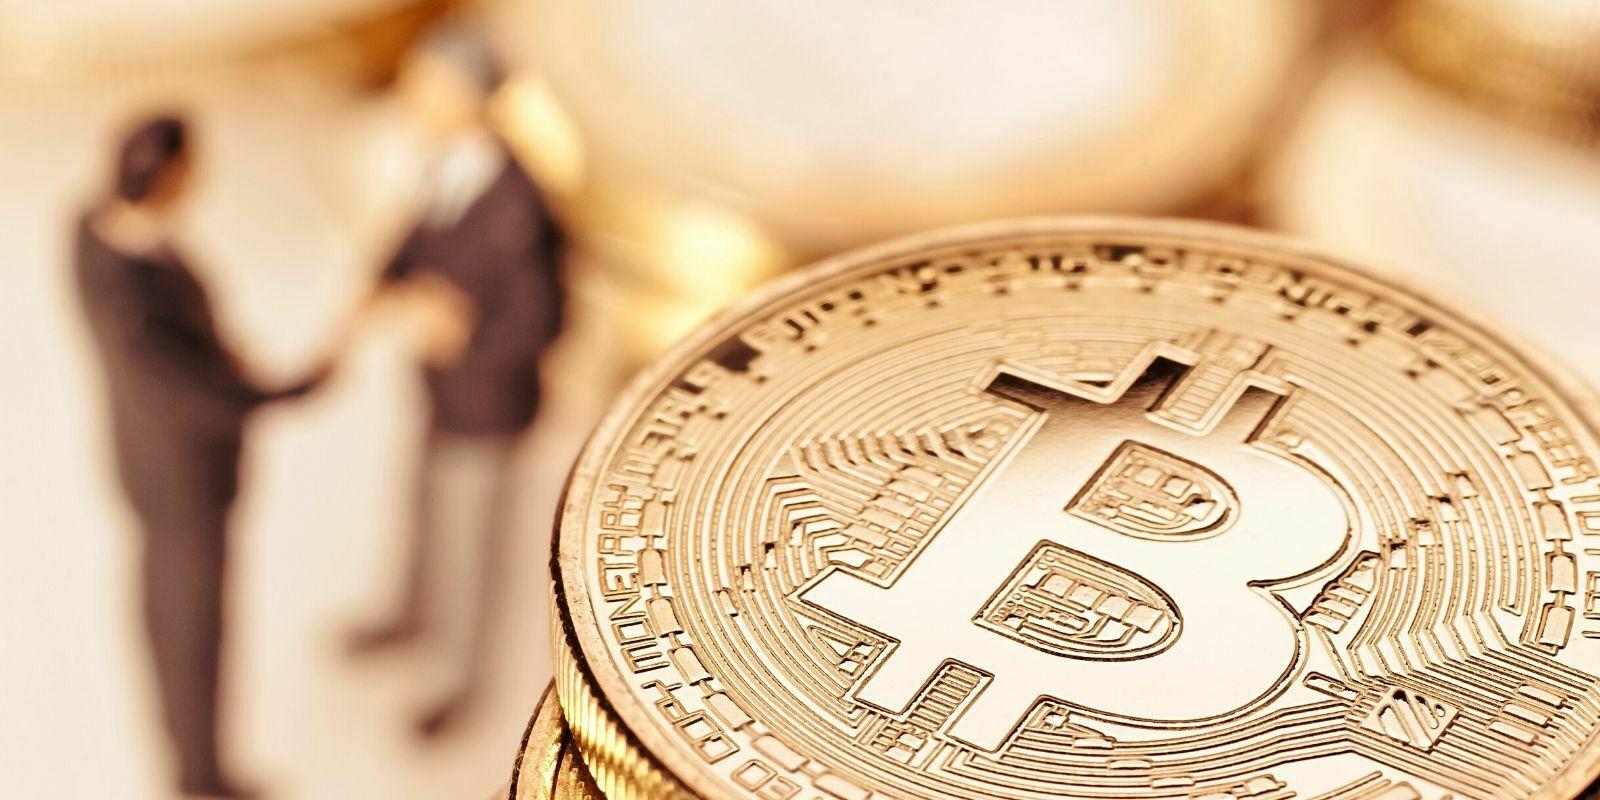 JPMorgan : 600 milliards de dollars pourraient être investis dans le Bitcoin (BTC) par les institutions